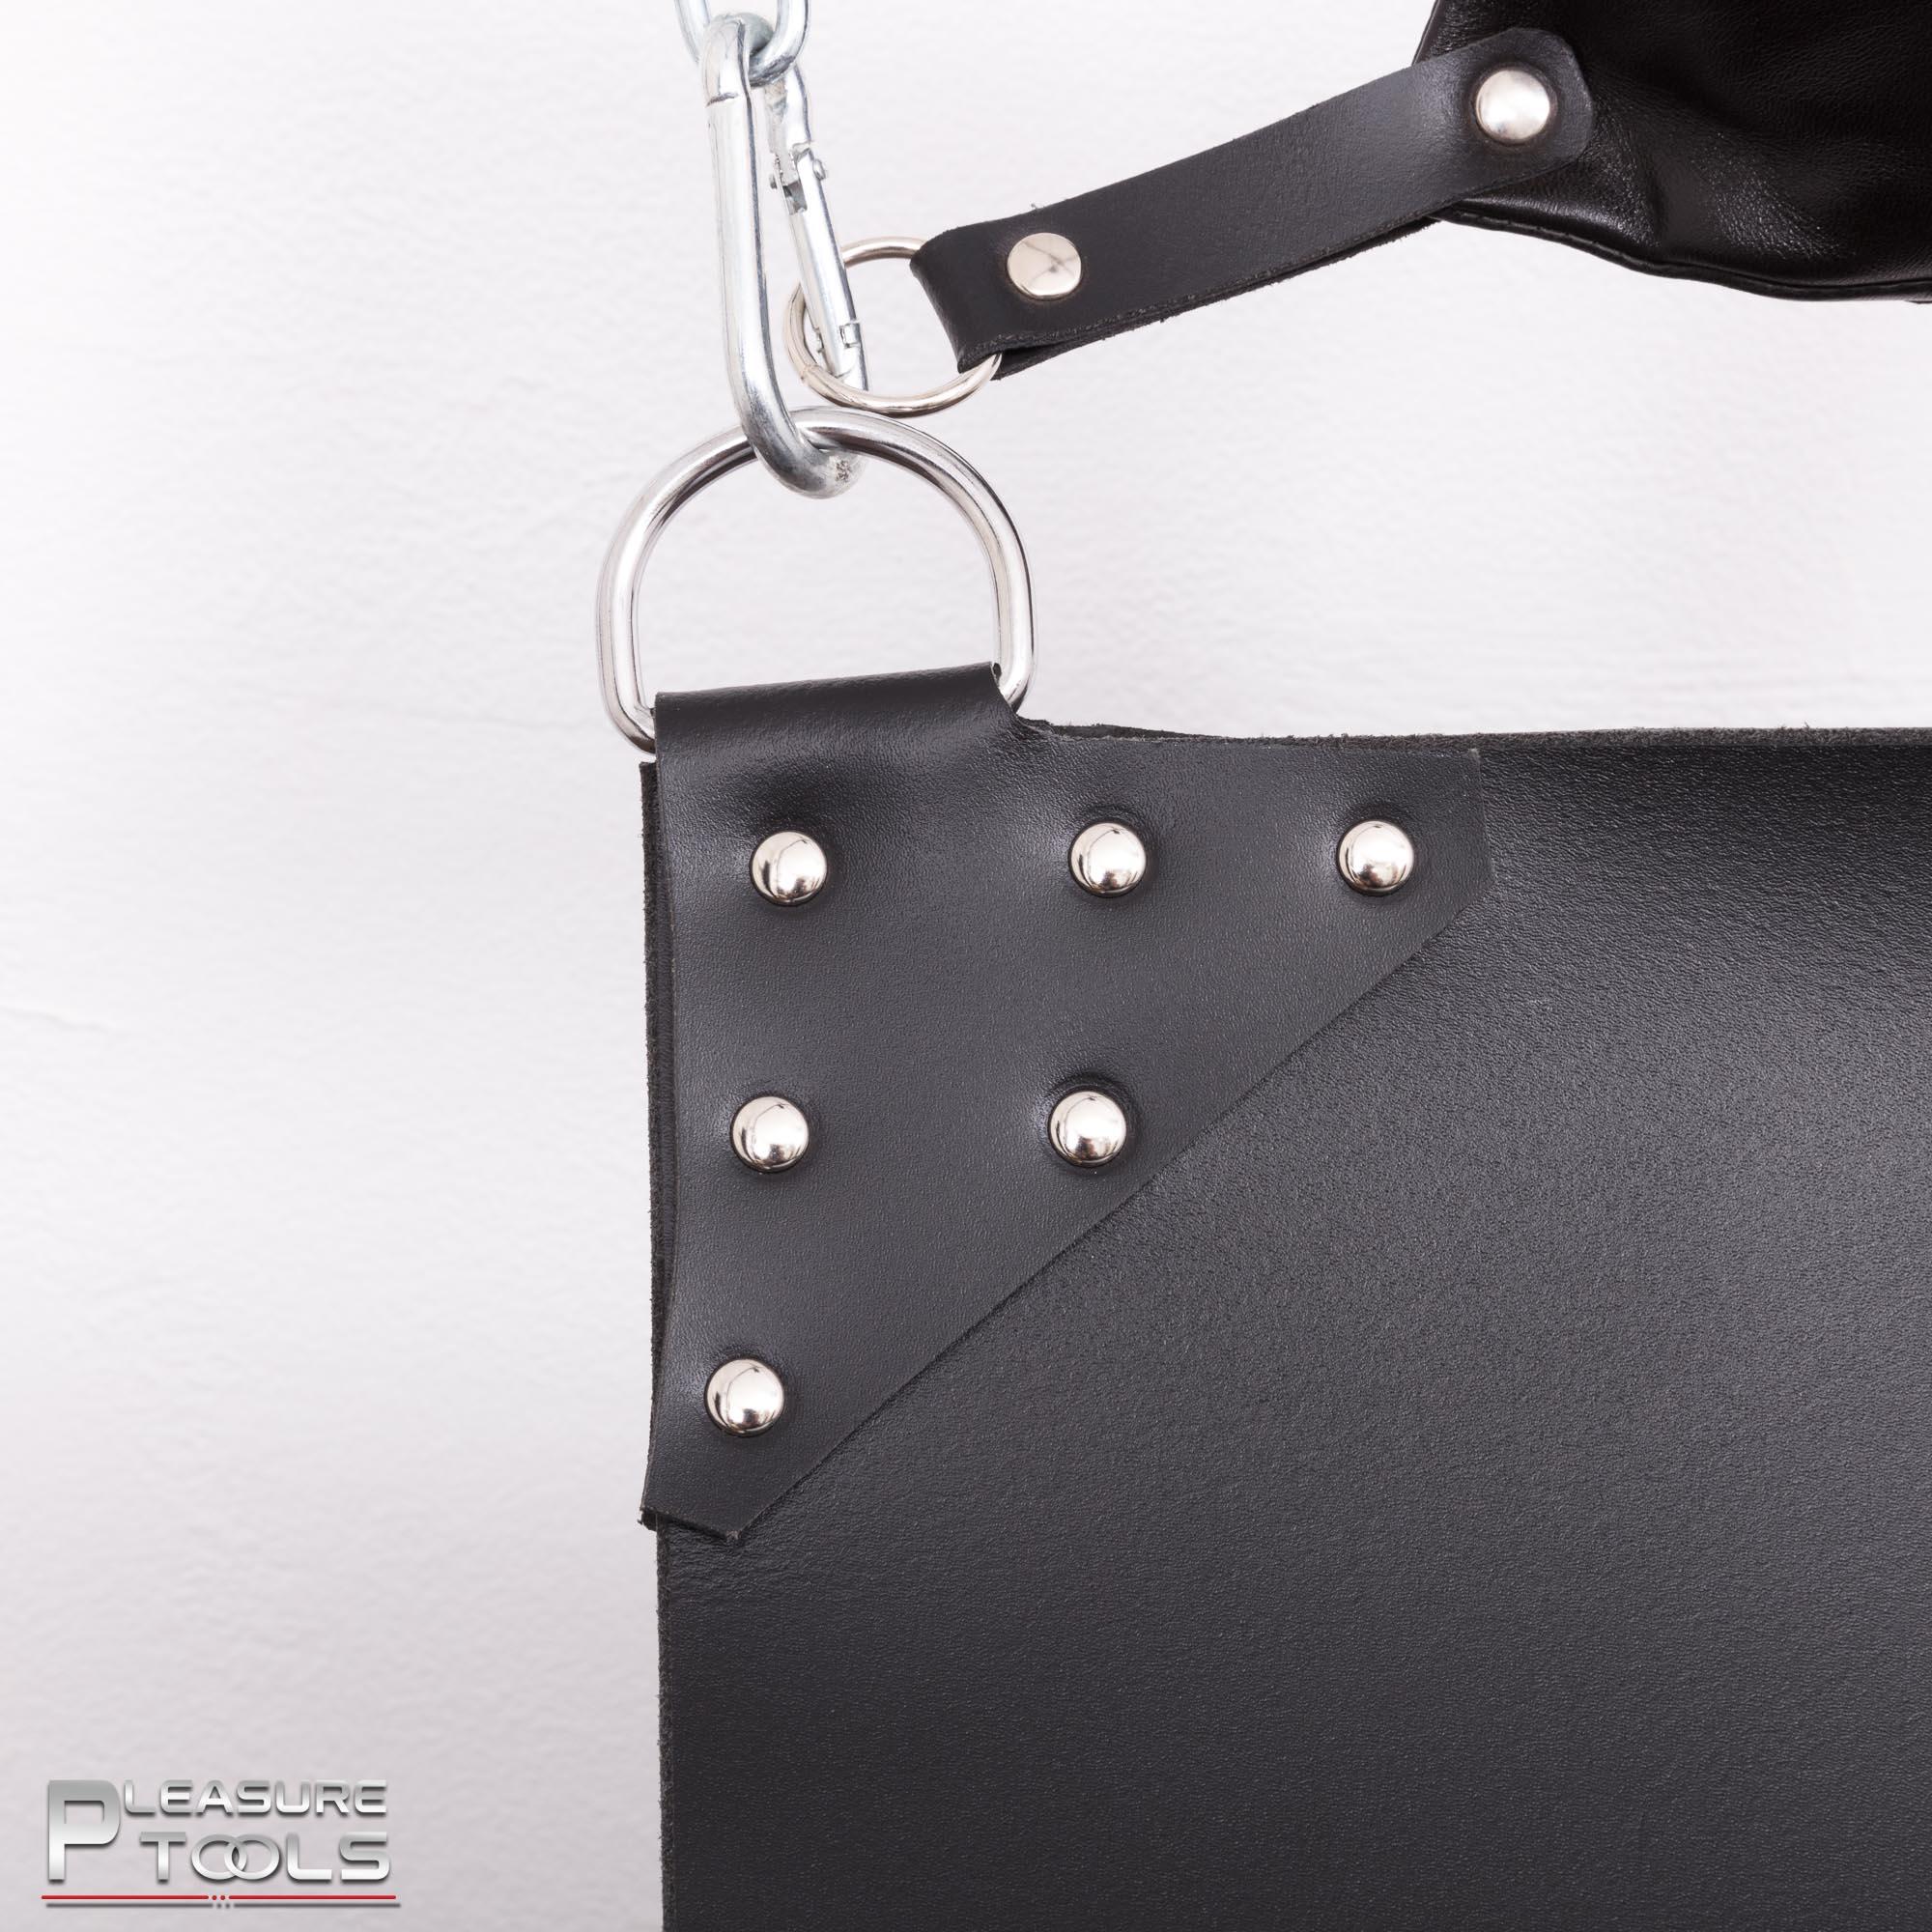 Pleasure Tools 4-punts sling detail